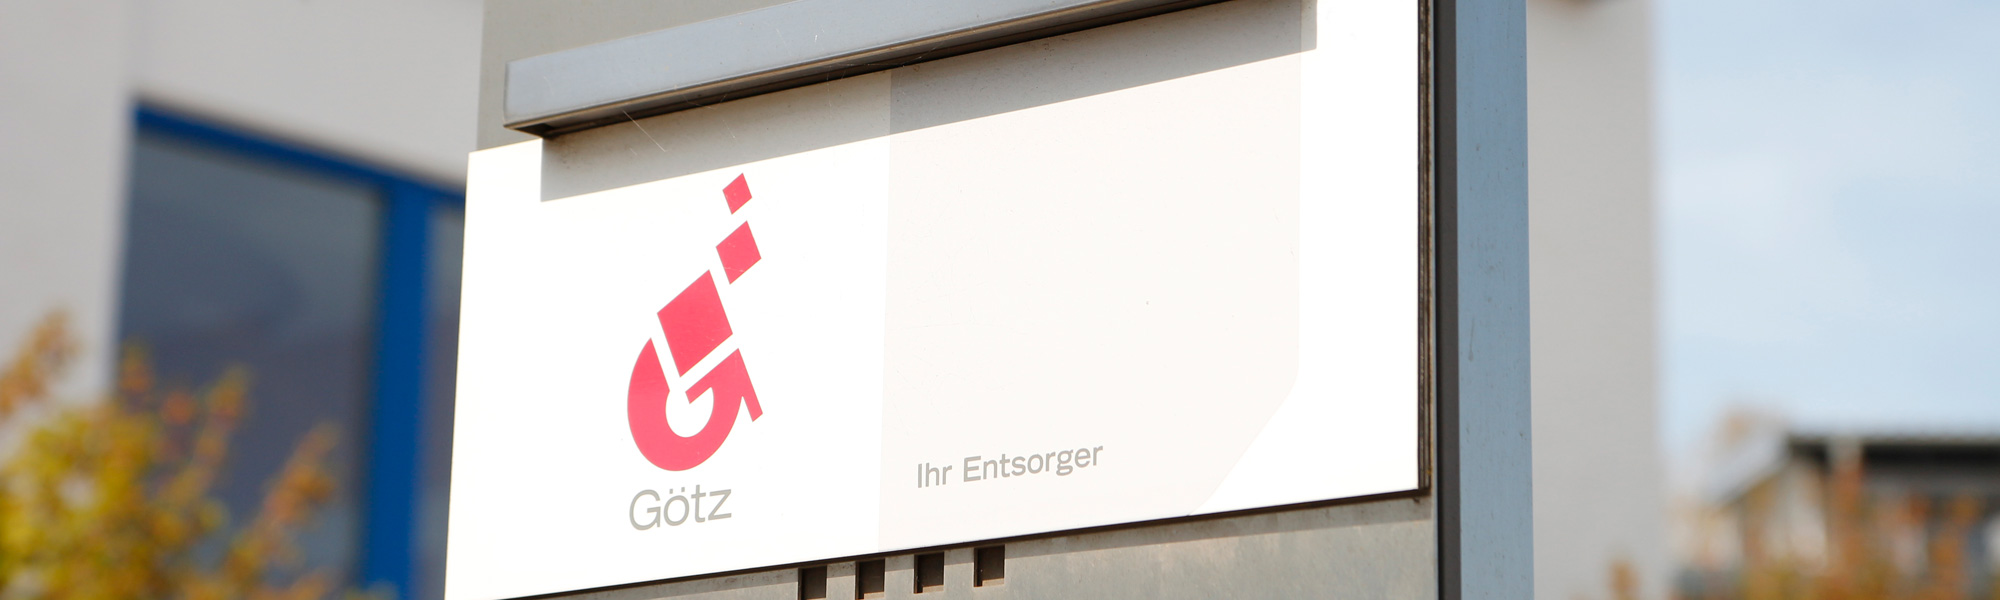 Götz GmbH Schrott + Metalle Weißenhorn Firmengebäude